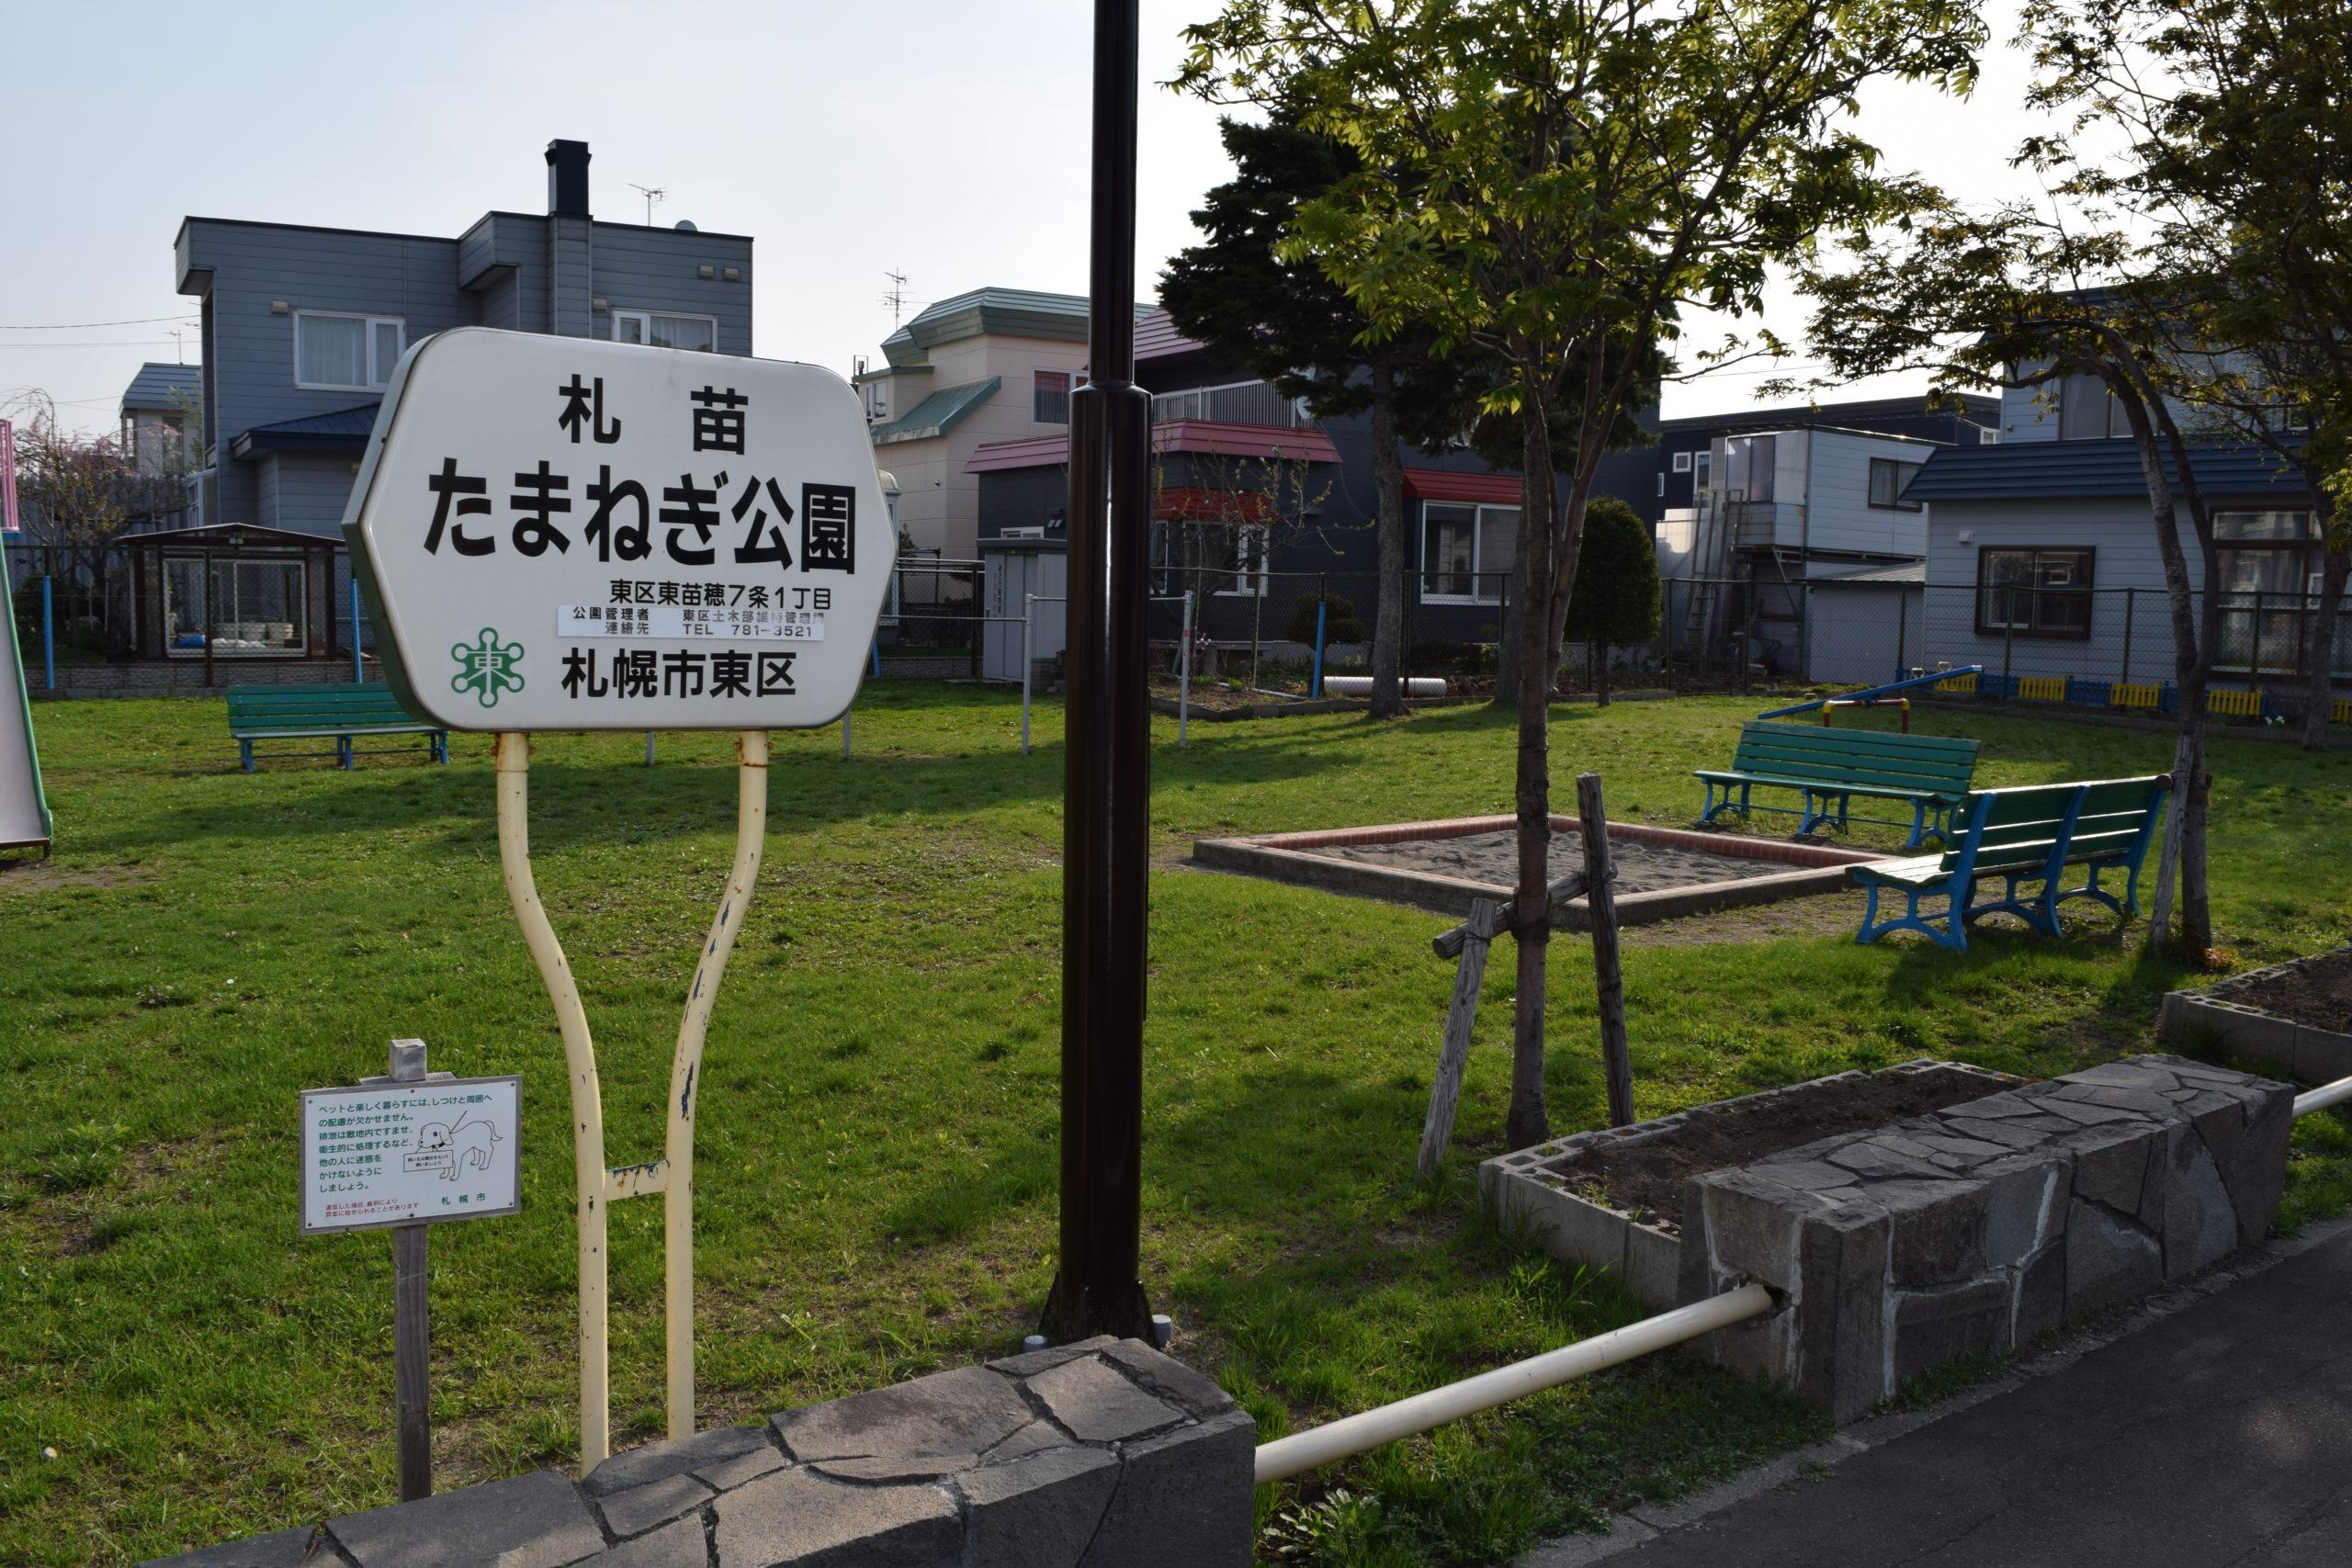 札苗たまねぎ公園